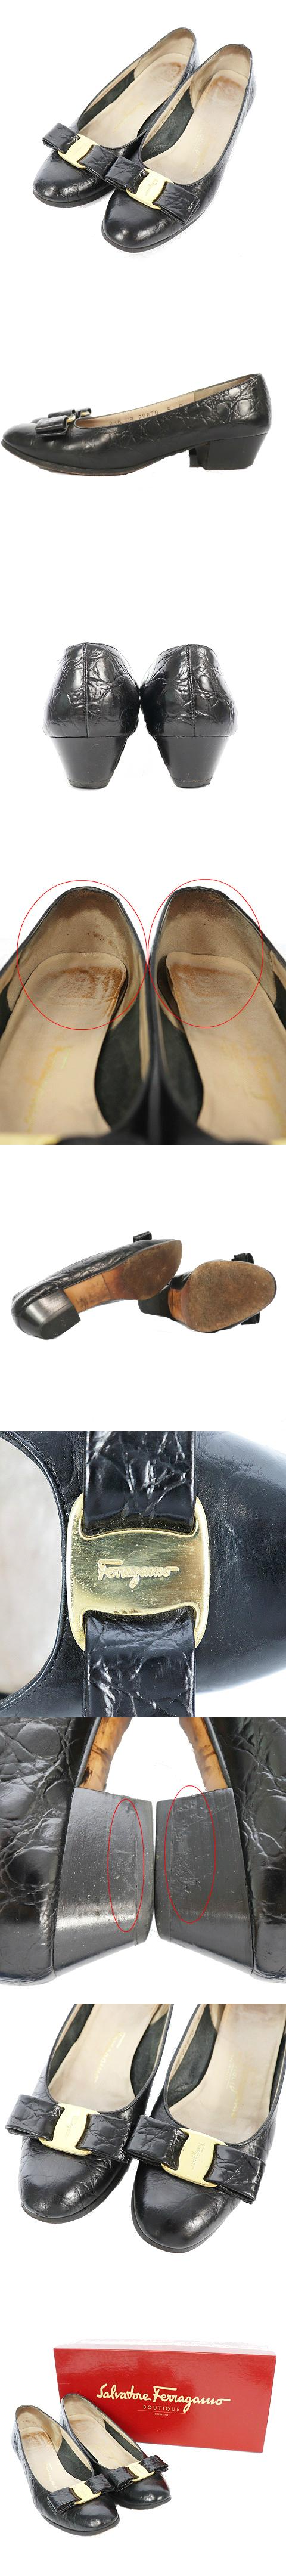 シューズ パンプス ローヒール アーモンドトゥ ヴァラリボン 型押し レザー 5 黒 ブラック /M2N